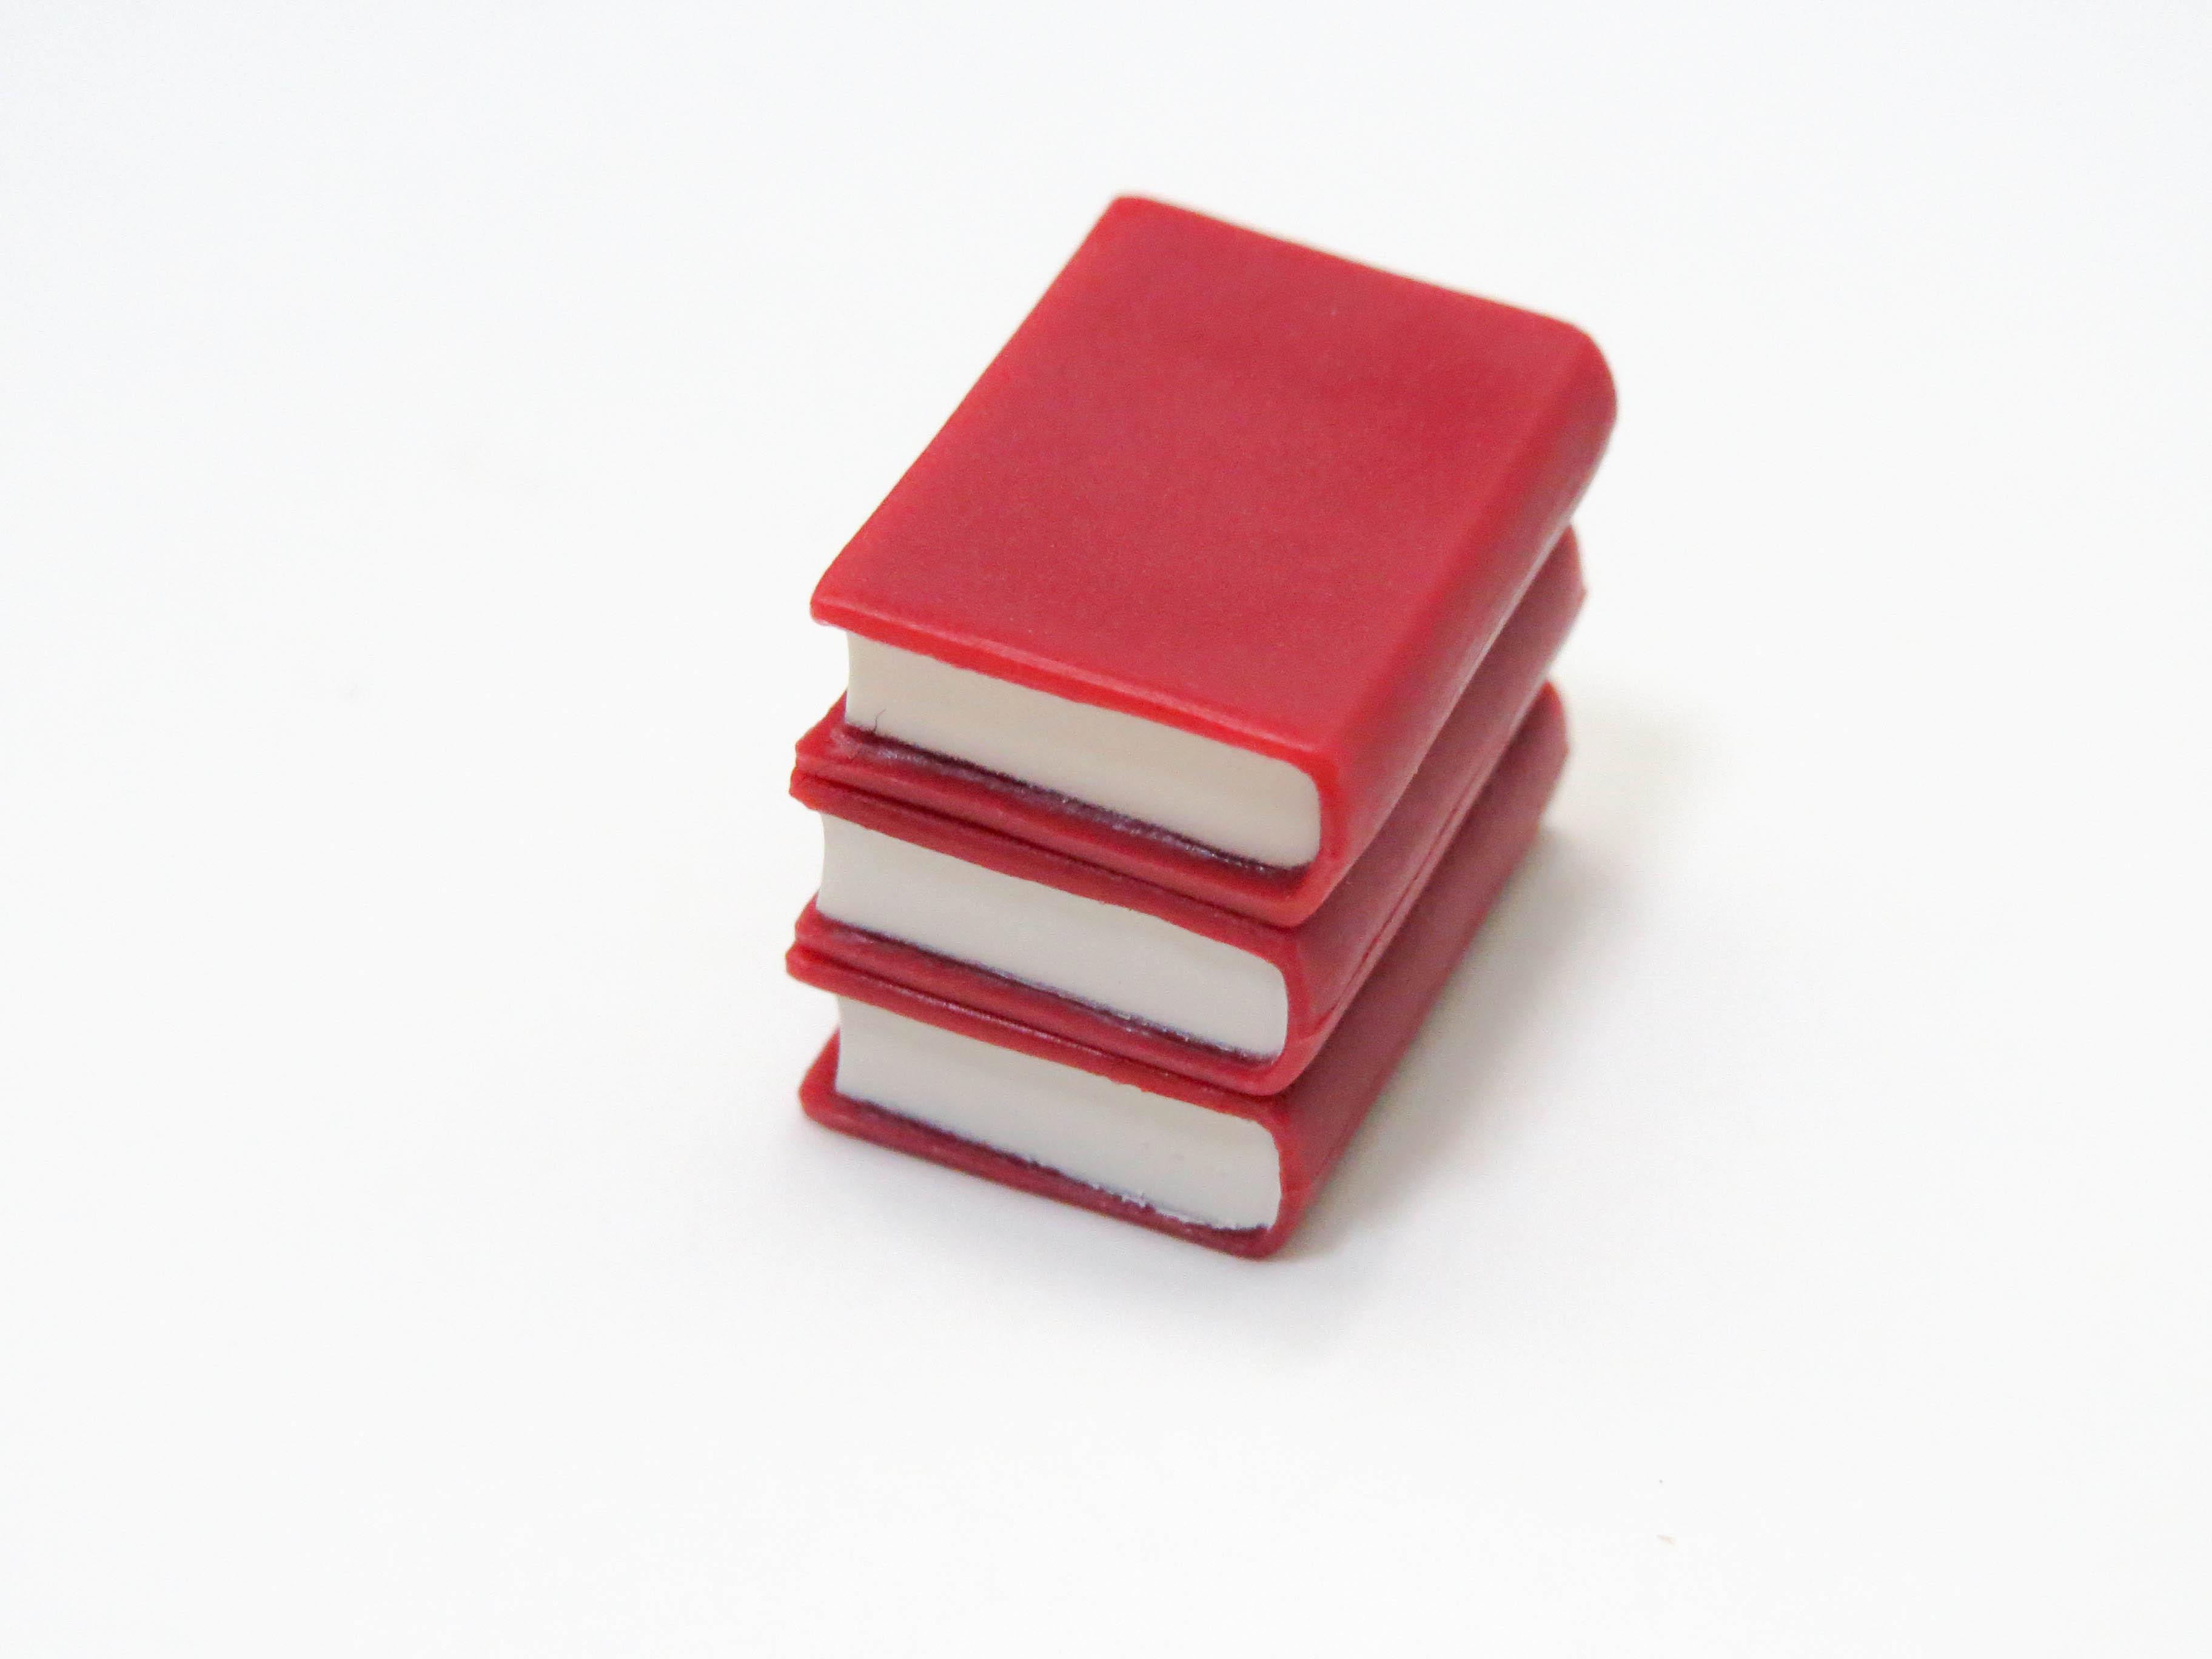 再入荷【384】 神原駿河 小物パーツ 3冊の本 ねんどろいど